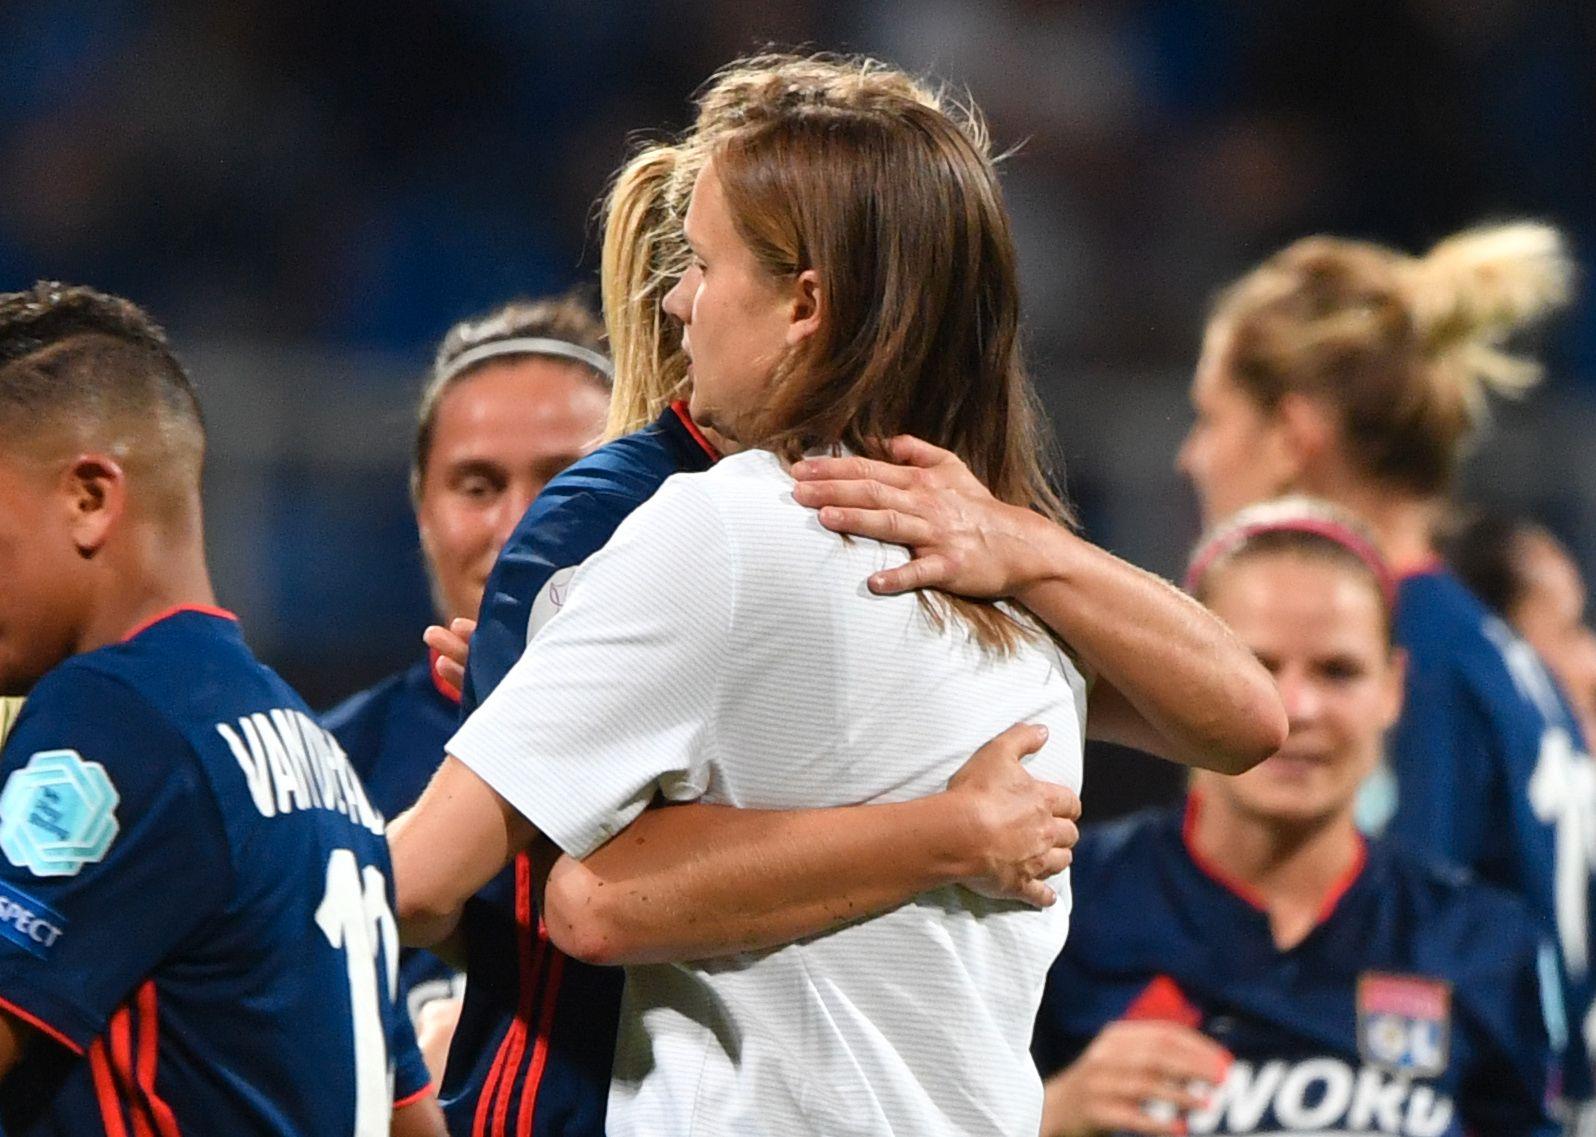 TRØSTET «CARO»: Ada Hegerberg og Caroline Graham Hansen har ikke snakket sammen siden EM i fjor, men det ble en kort og hjertelig hilsen etter Champions League-finalen.